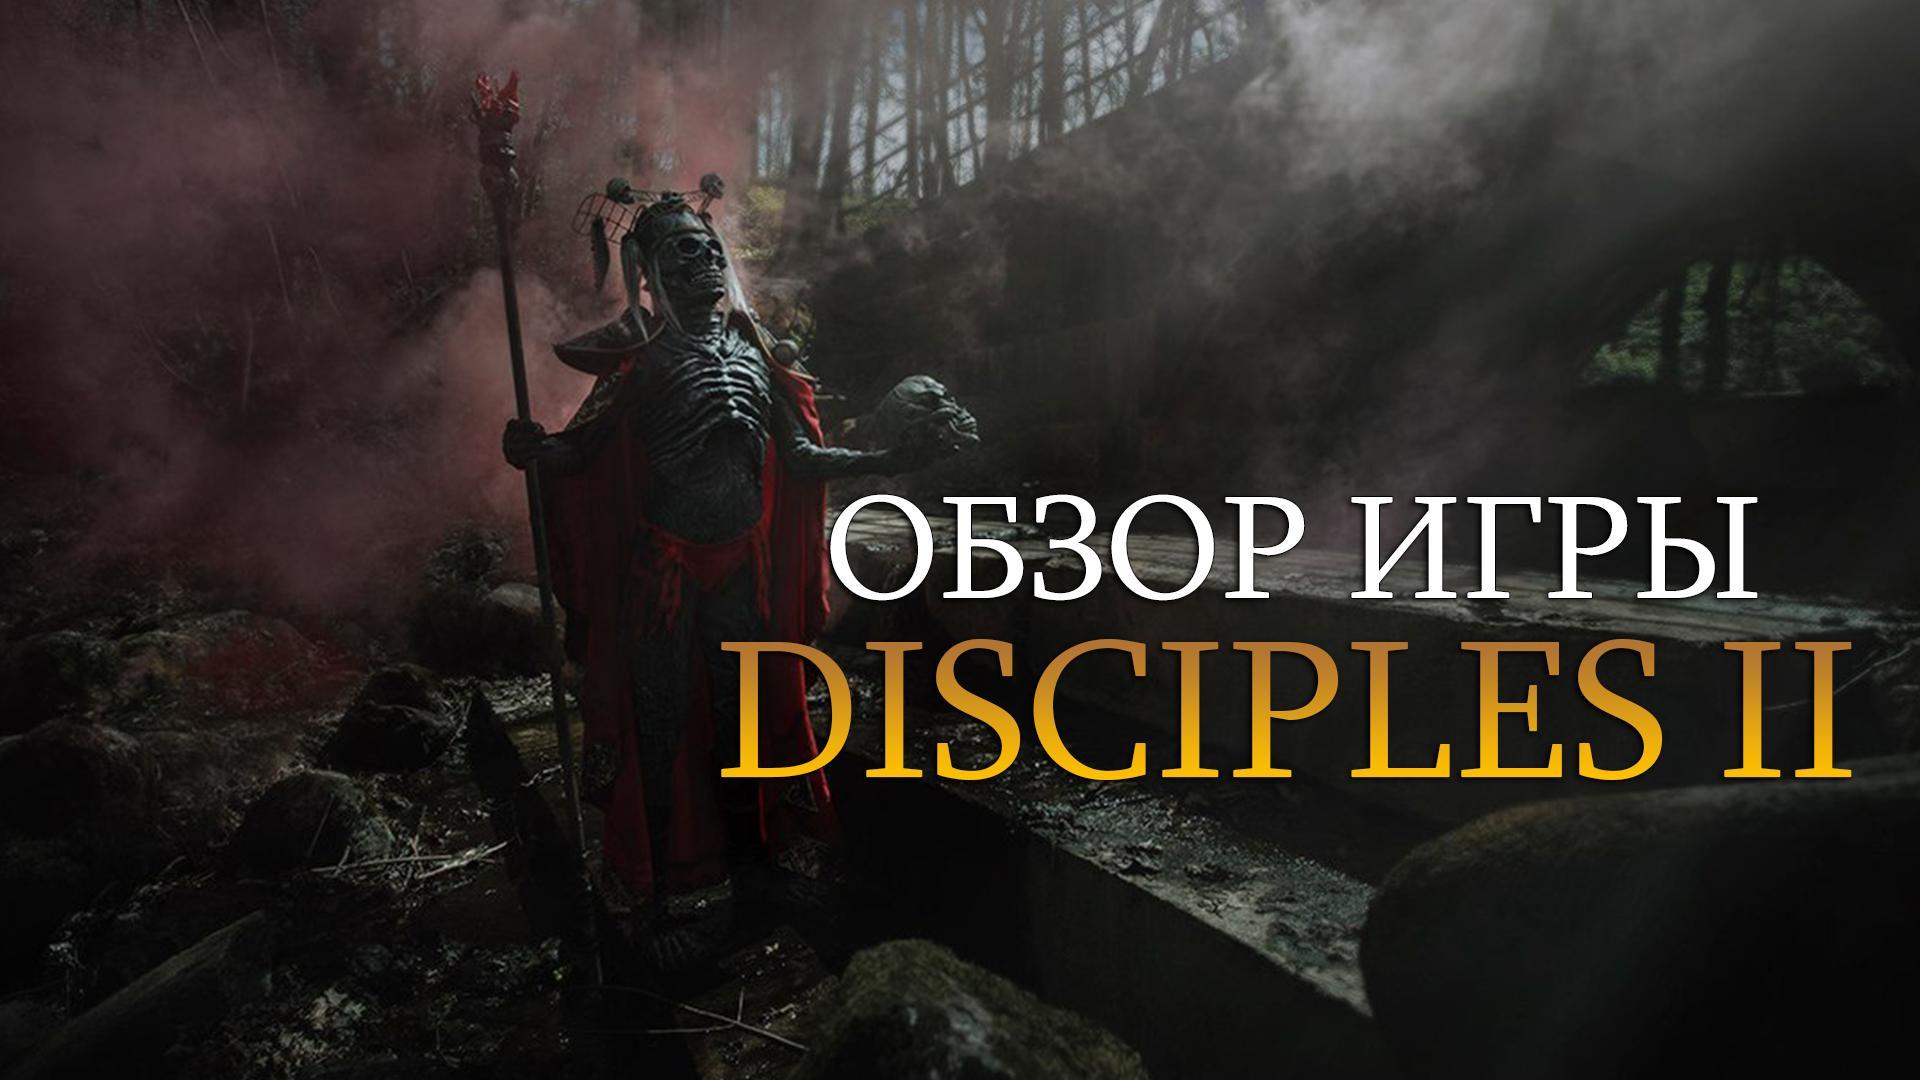 Disciples-II